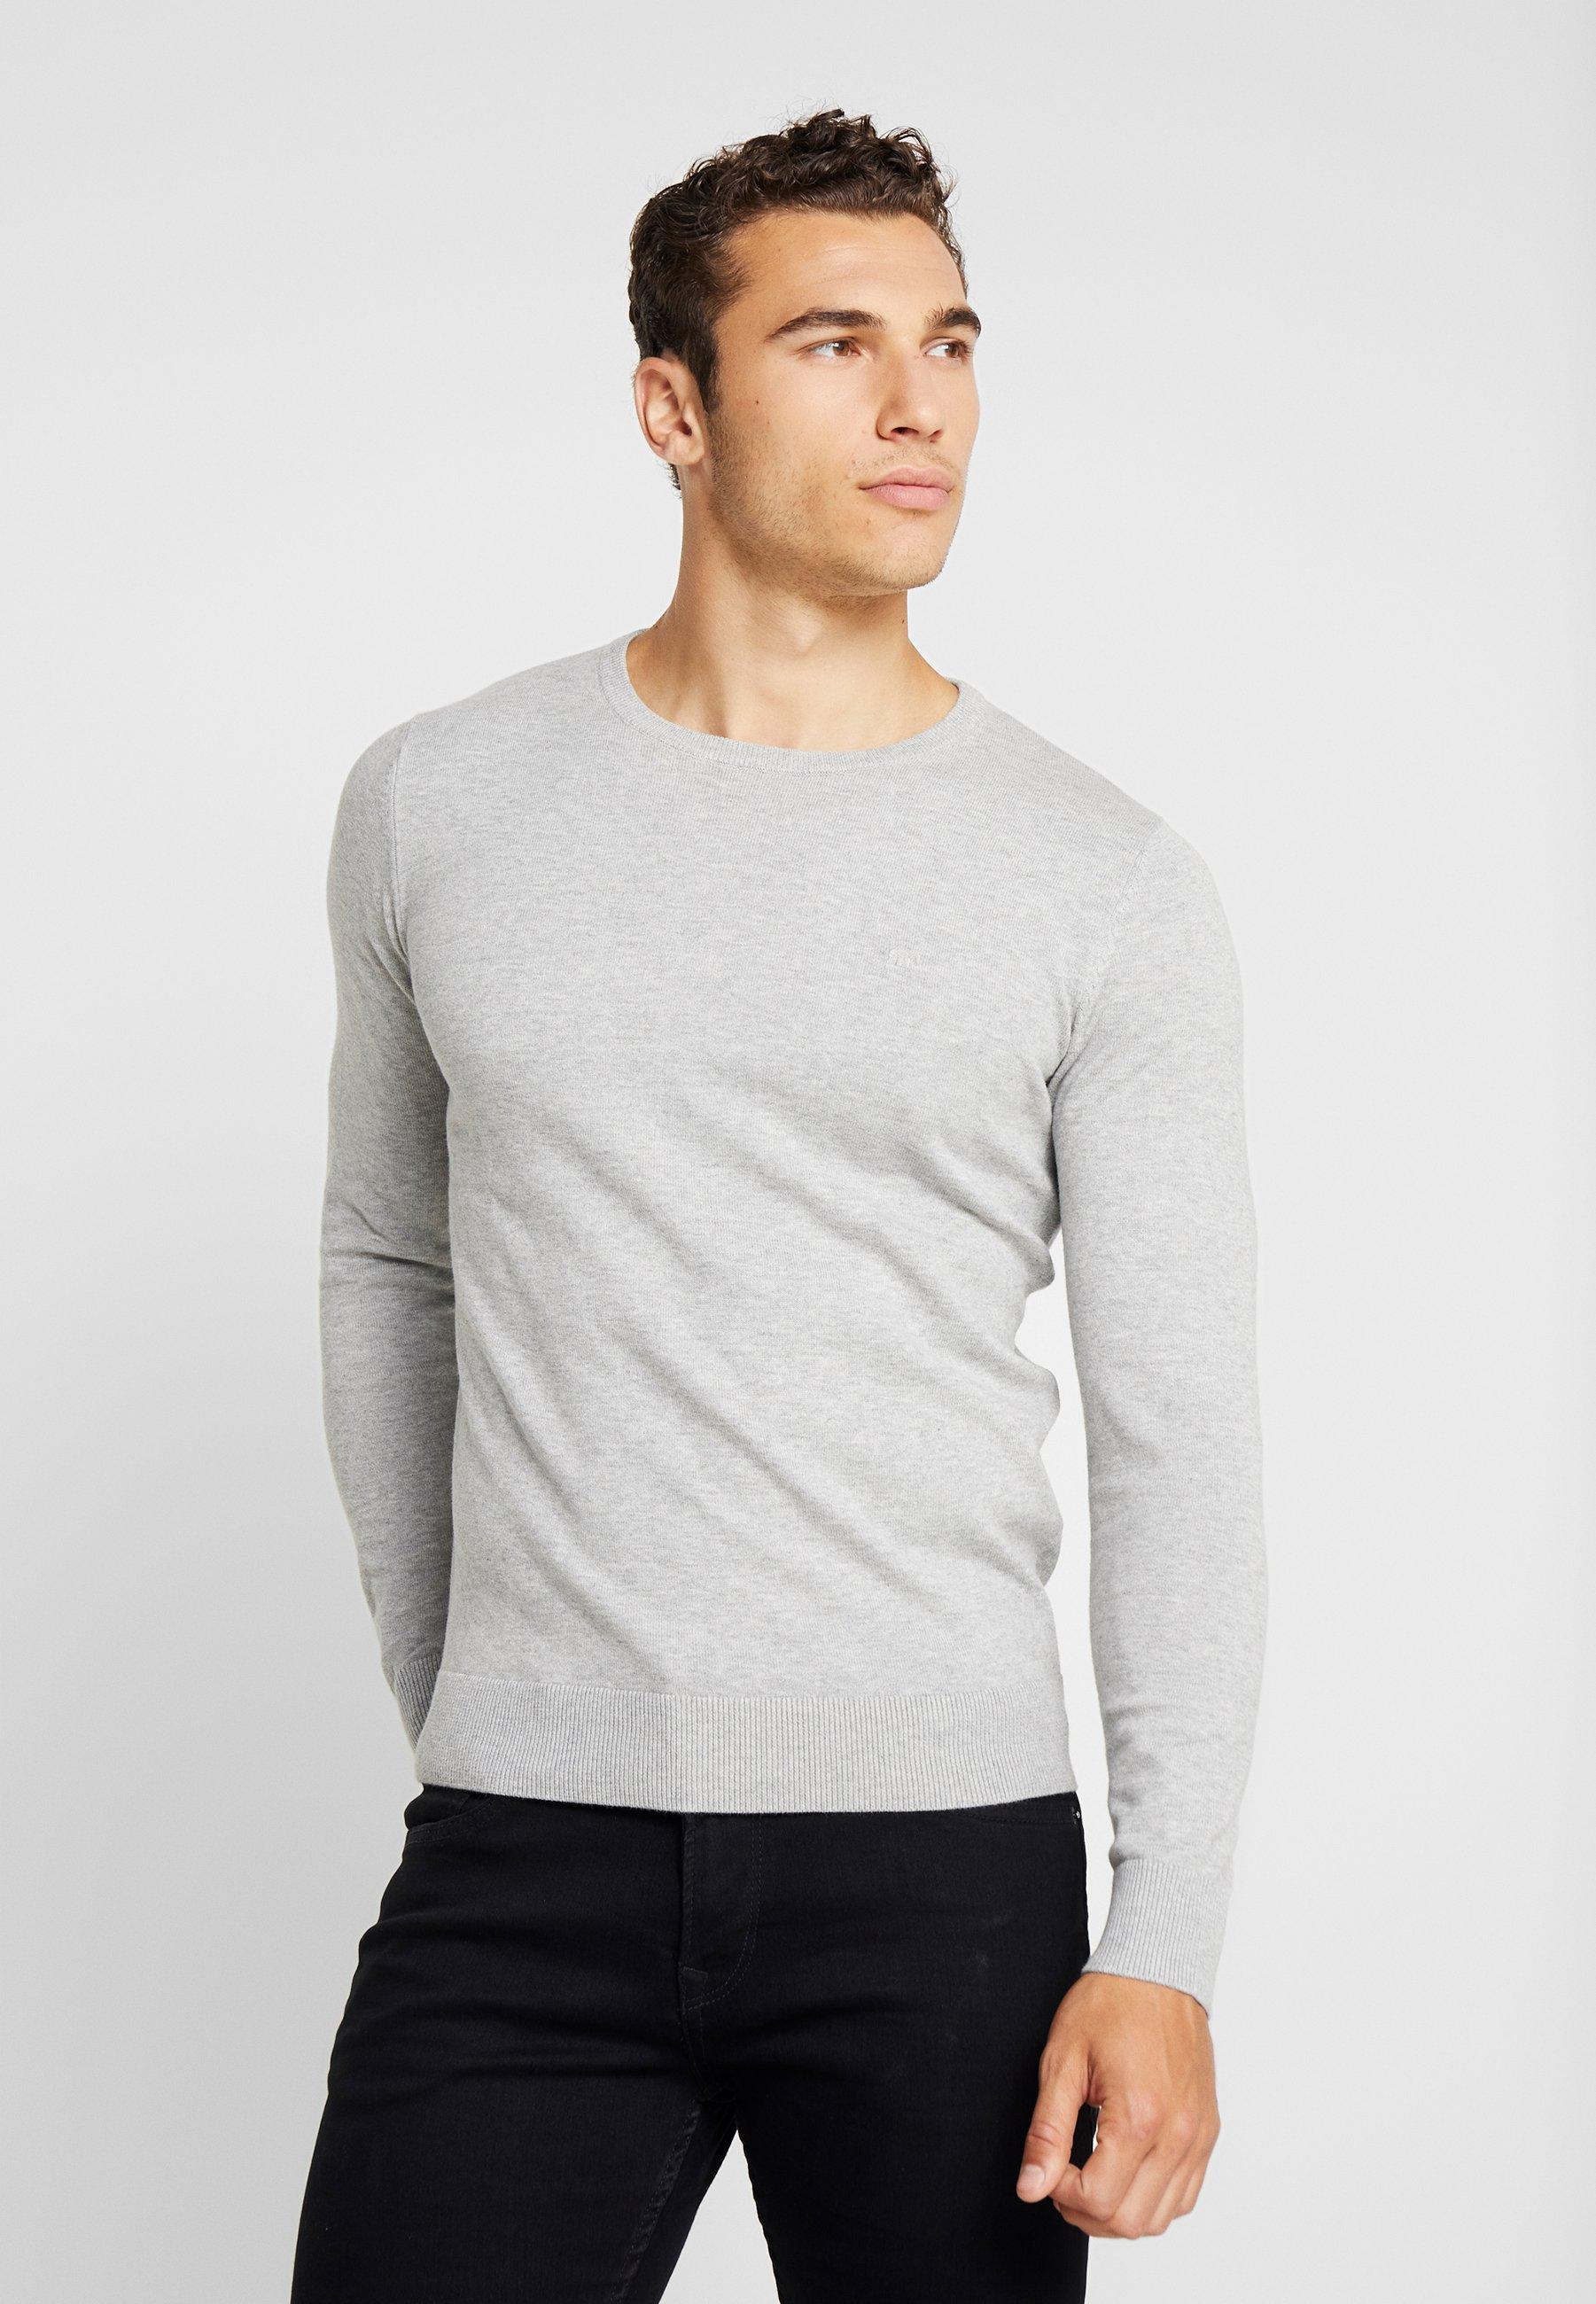 Crew Soft Light Tailor Melange NeckPullover Grey Tom Basic PkwO0n